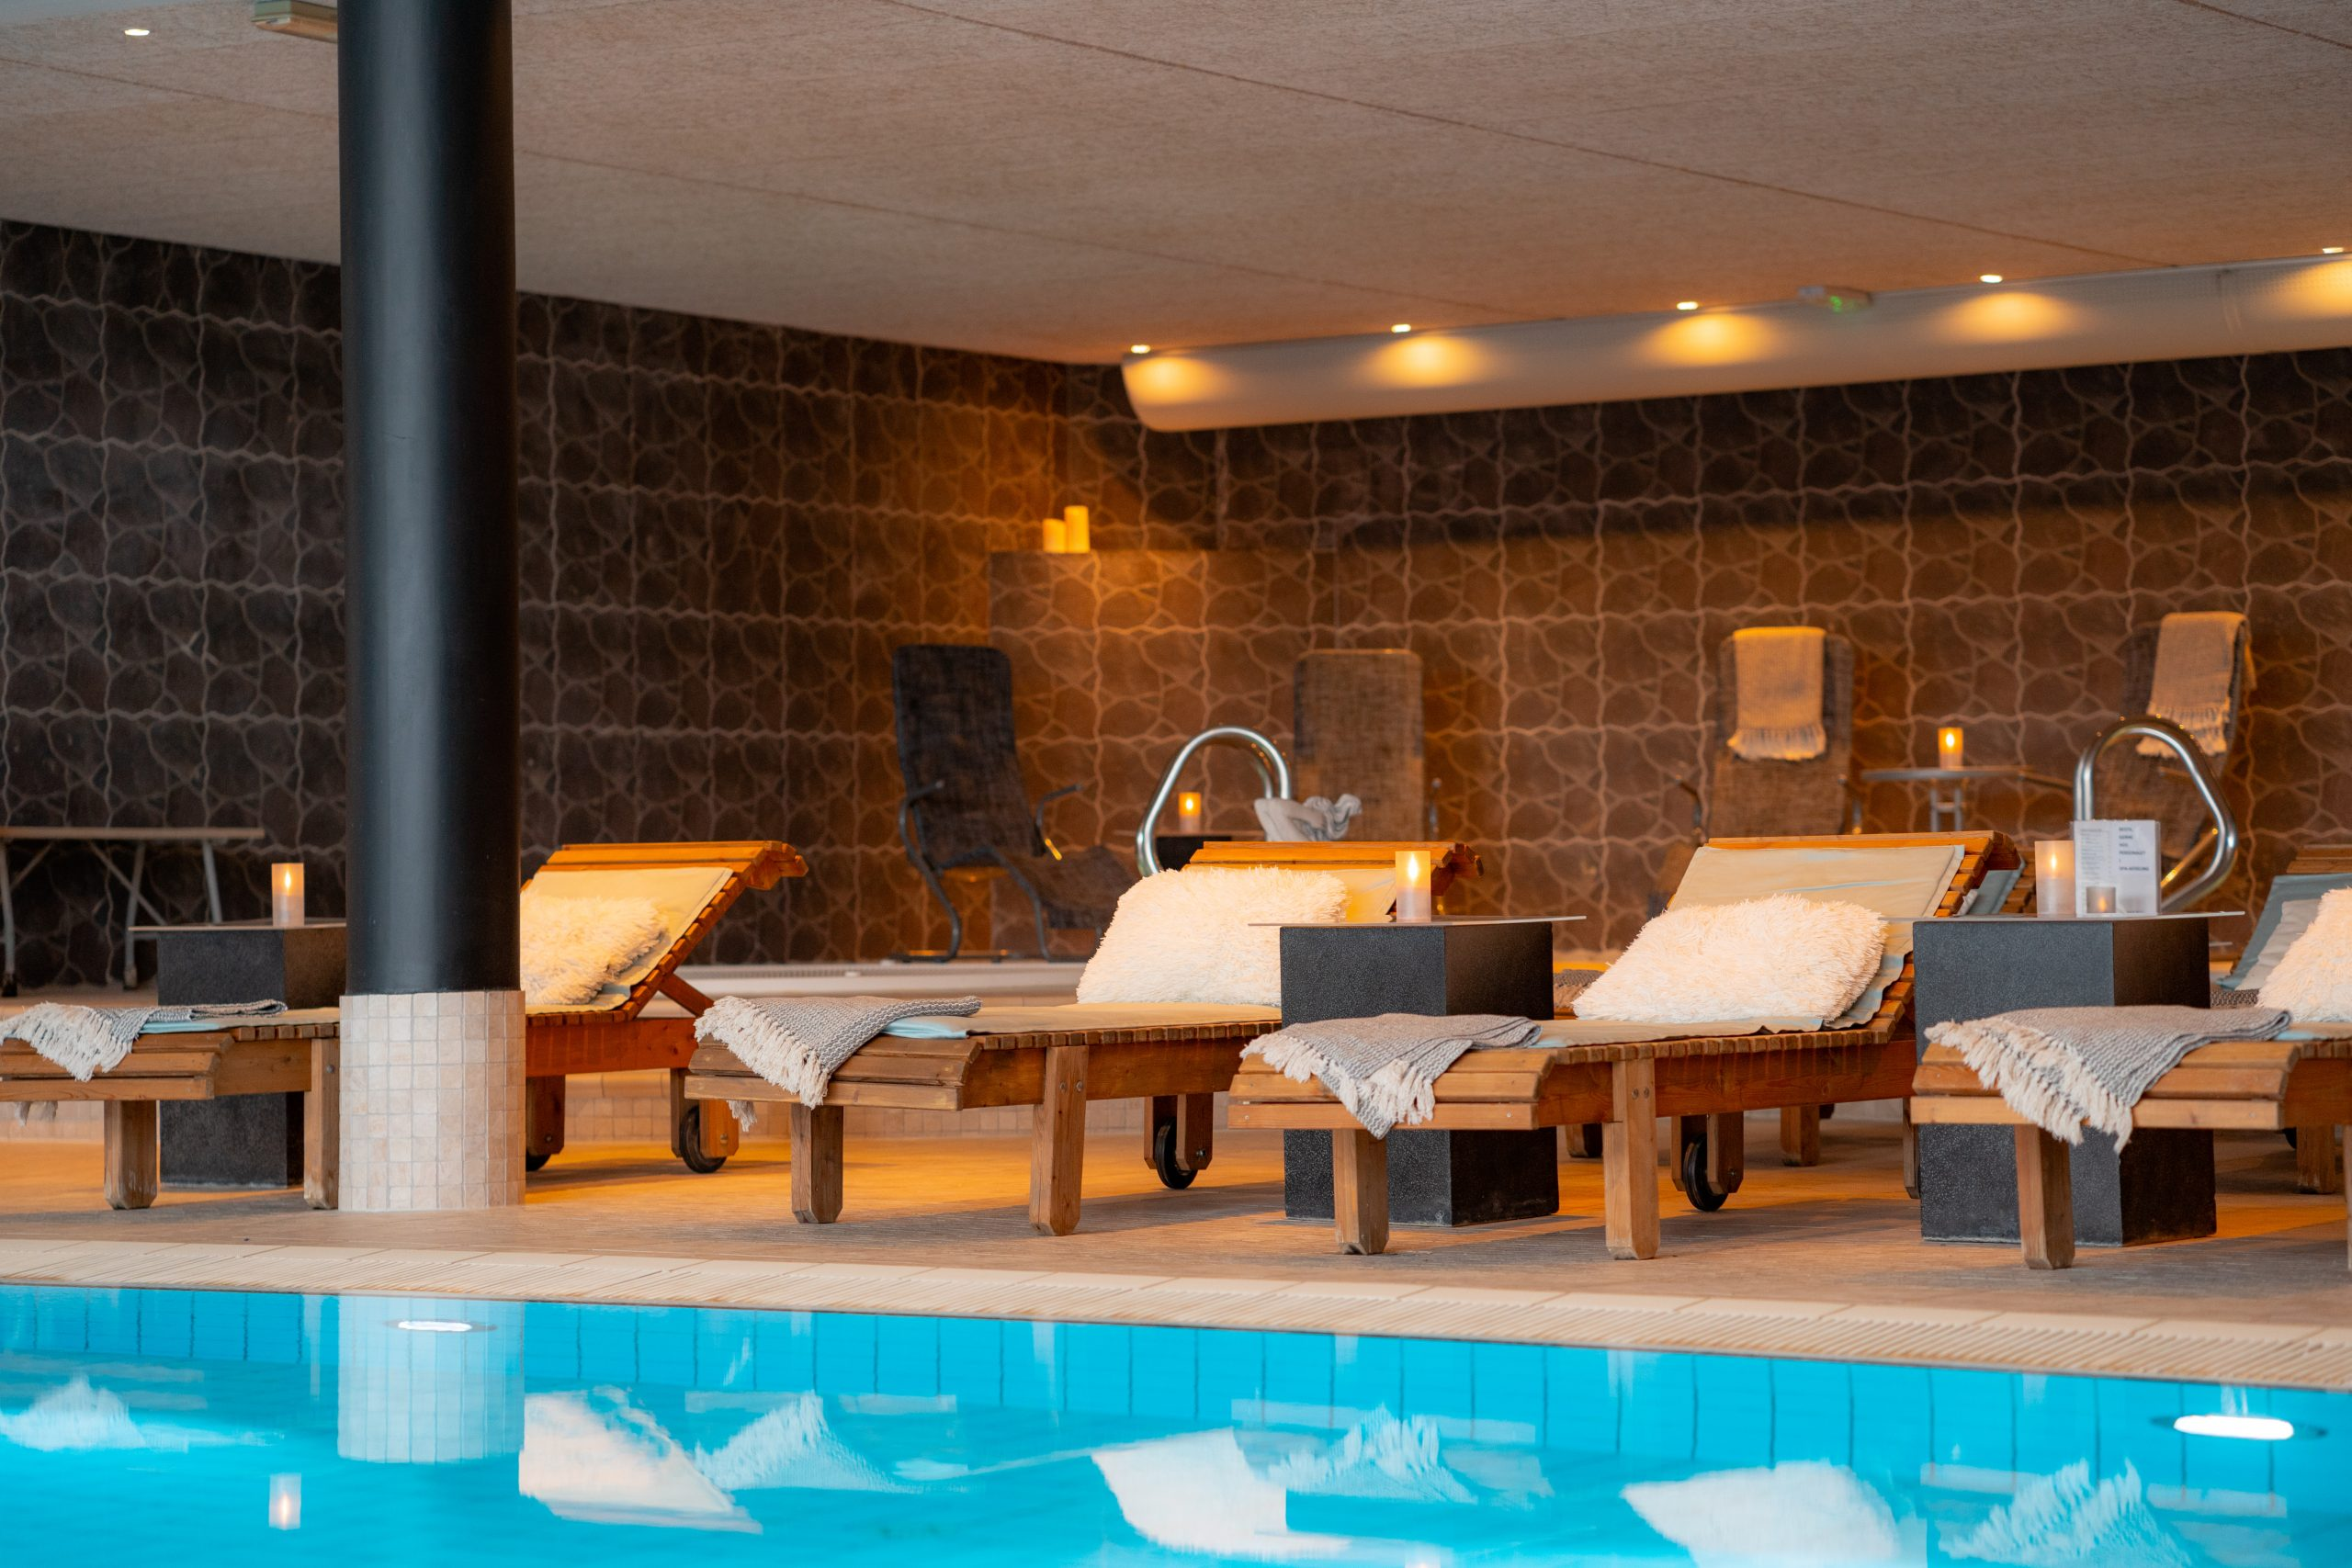 Hotel Viking klar med vilde åbningstilbud: Spar på spa-oplevelser og ophold